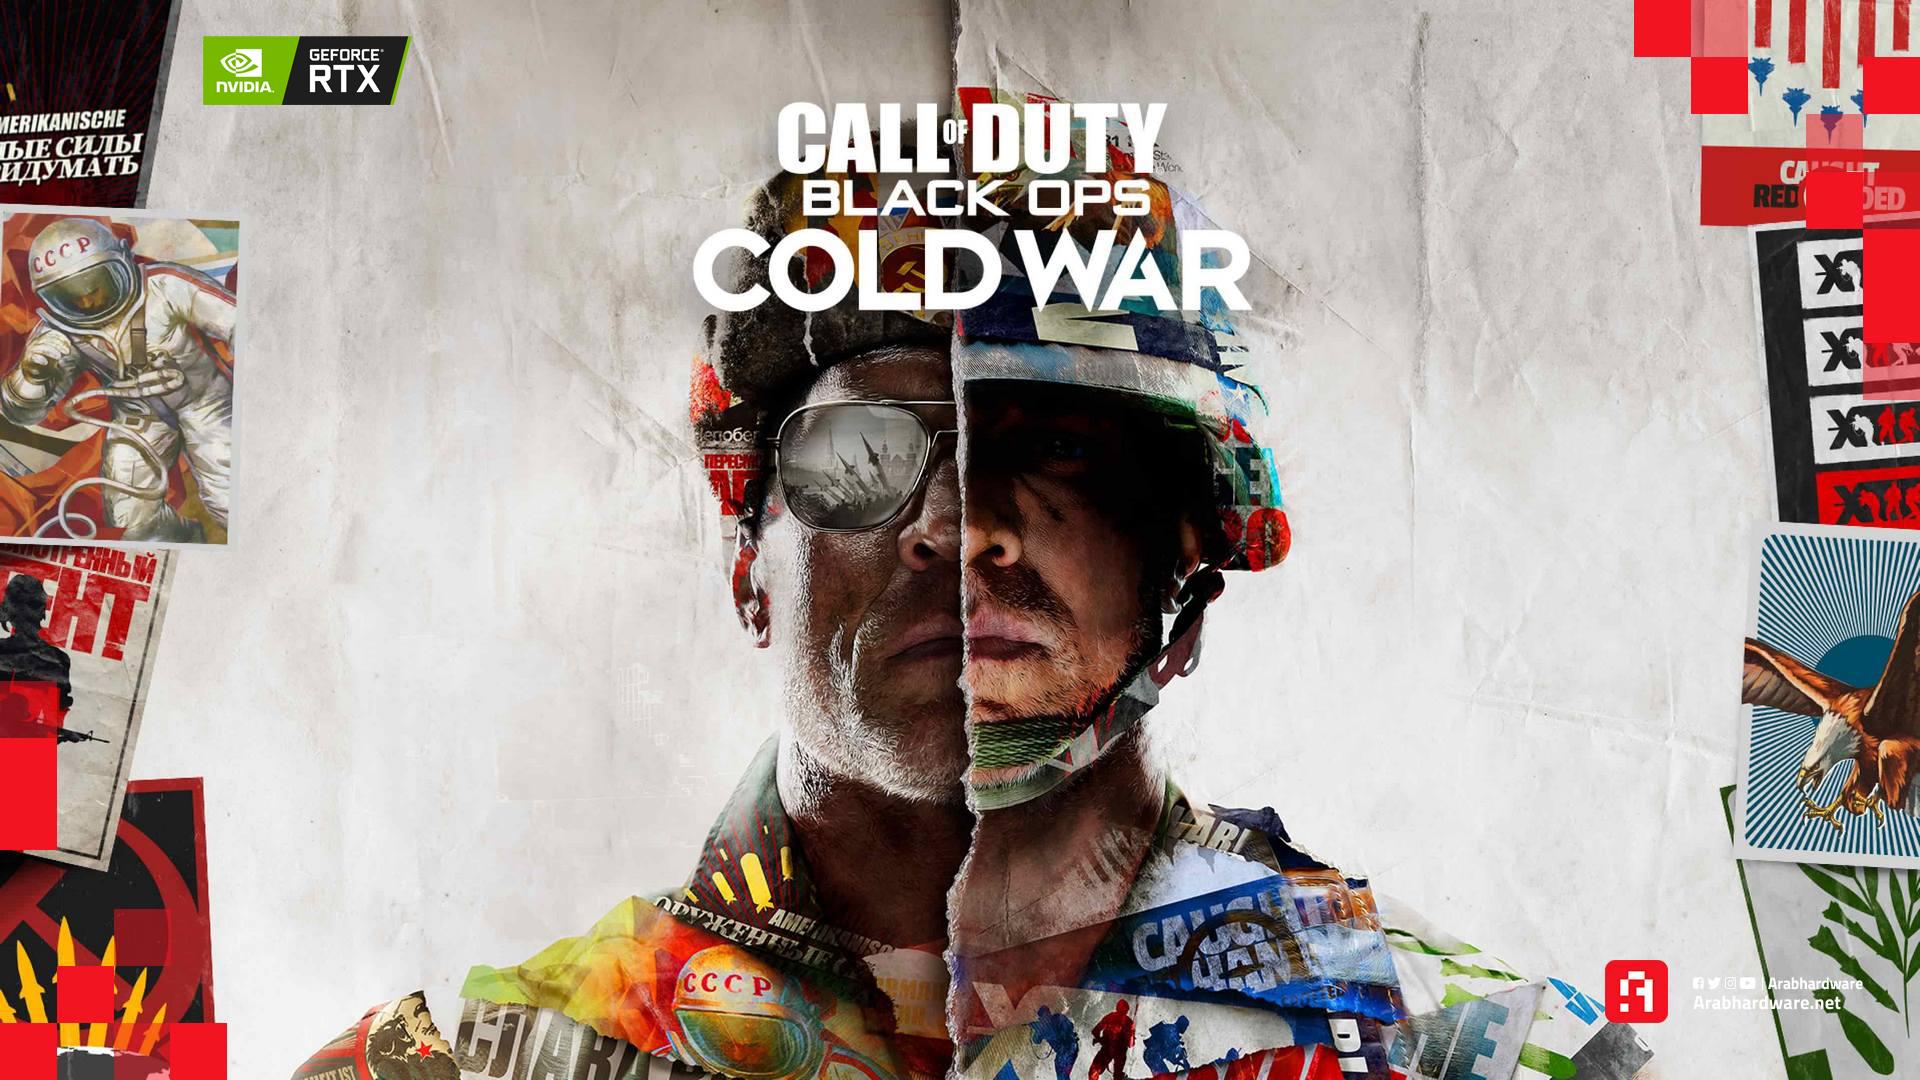 صورة المبيعات الأمريكية: Black Ops Cold War تحتل المركز الأول في ديسمبر